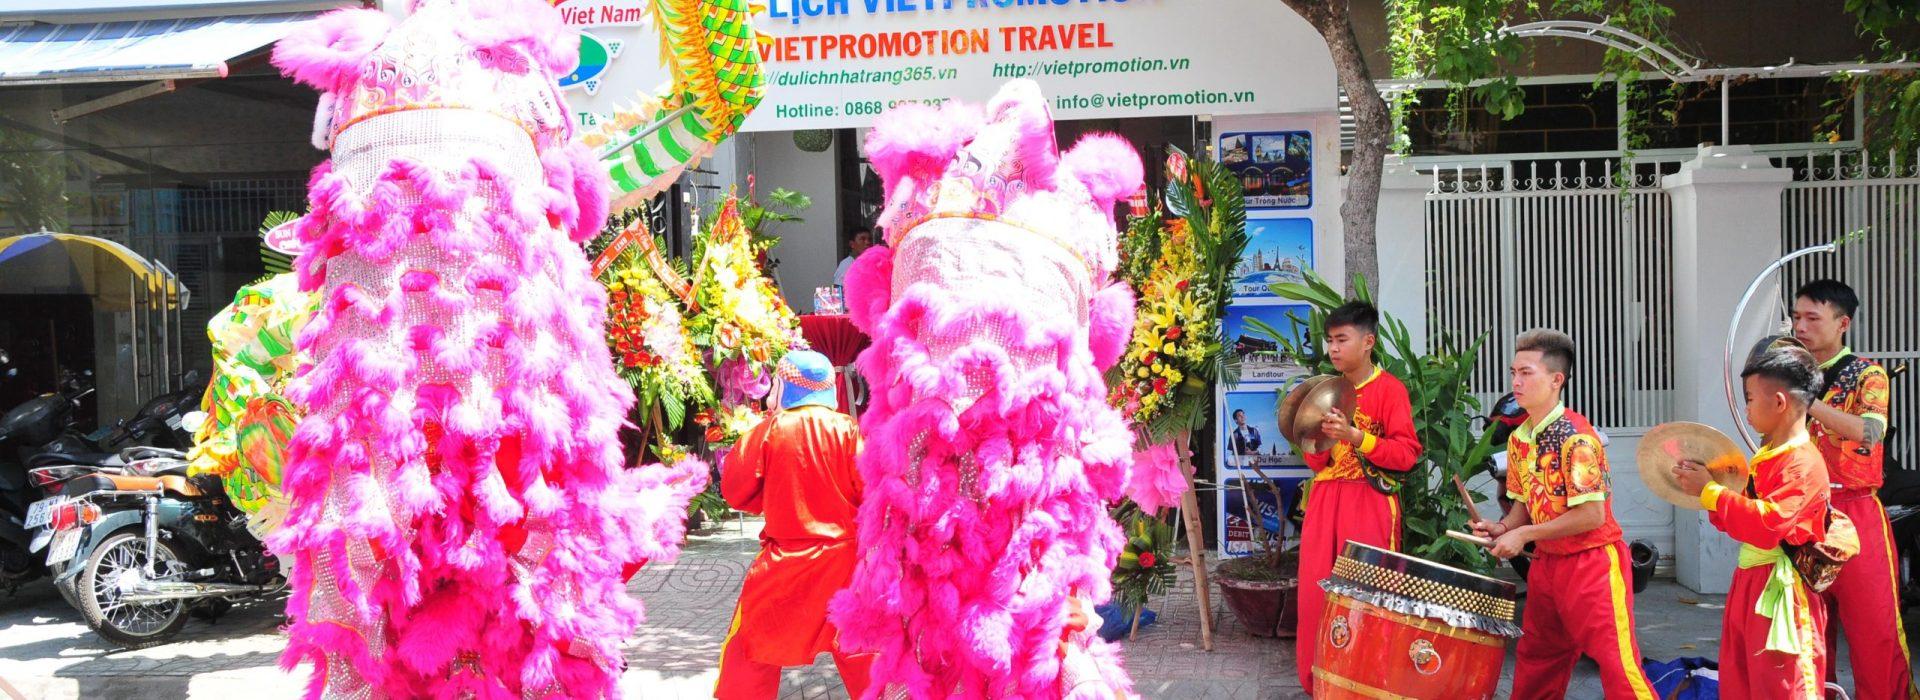 Tổ Chức Sự Kiện : Lễ Khai Trương - Vietpromotion Event- Media - Mice